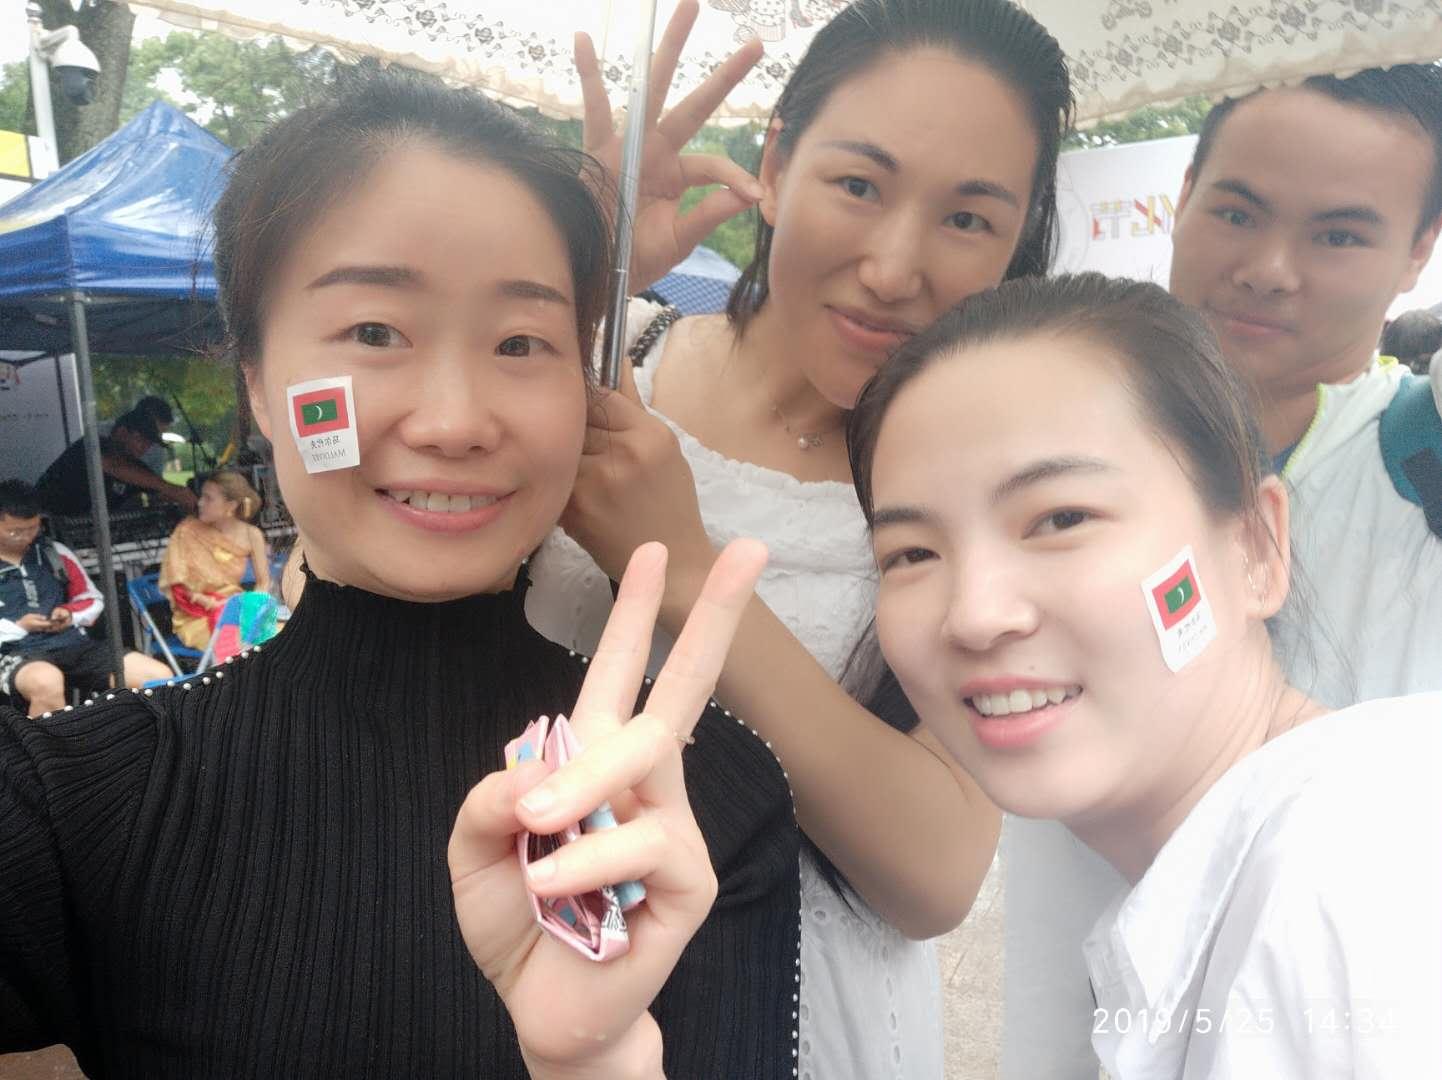 就业竞争加剧 我的武汉中文培训教师学习经验分享 (图1)